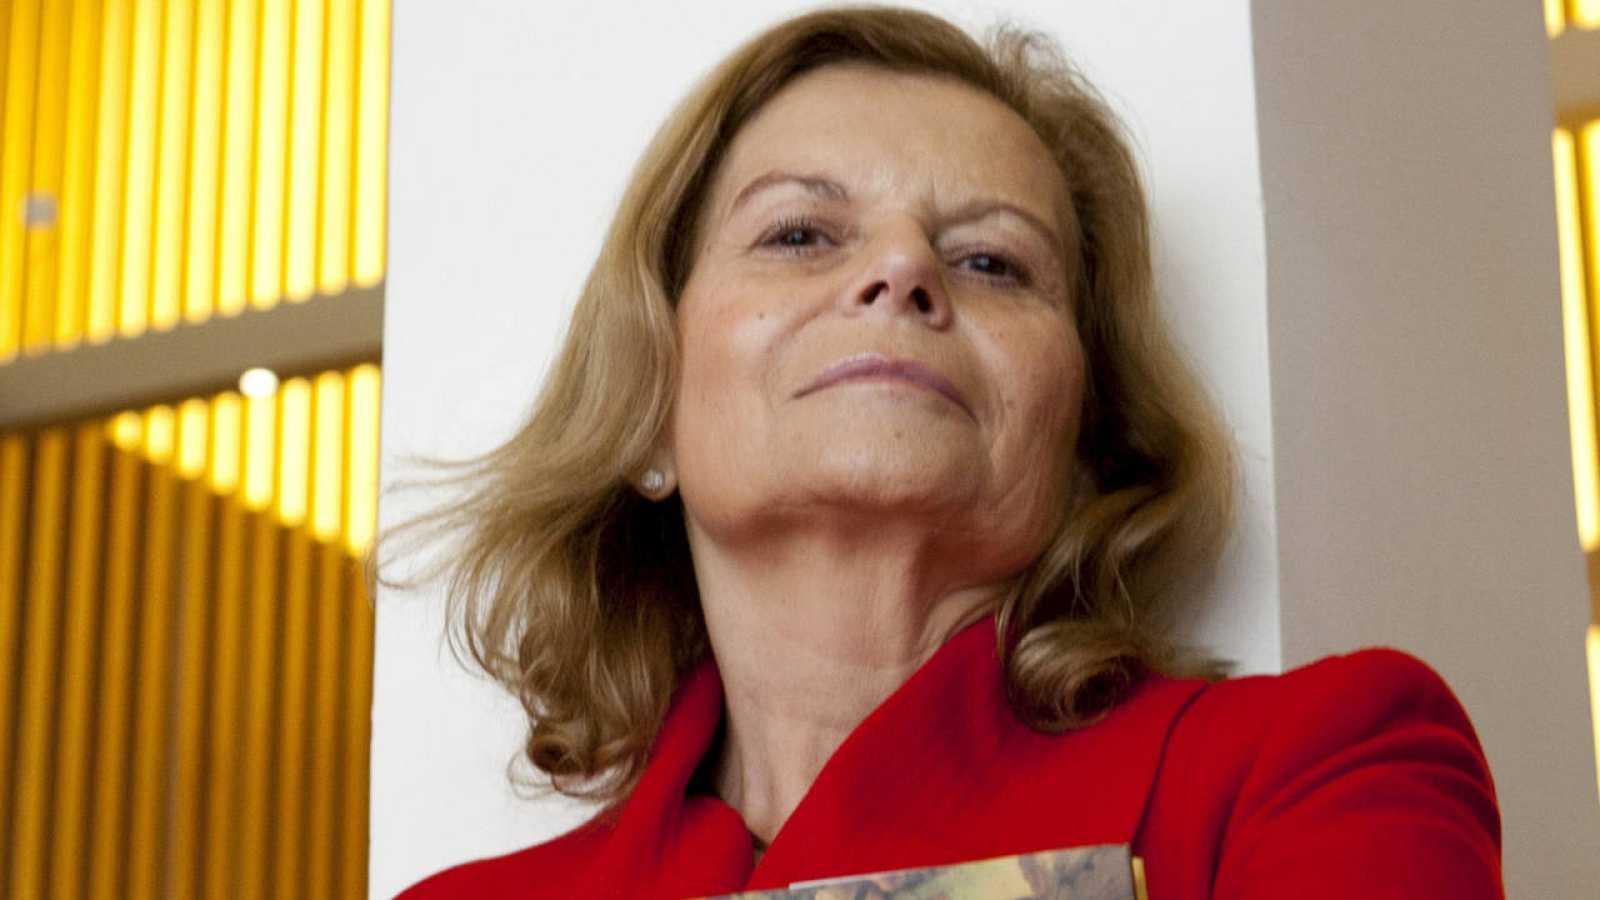 Creando que es gerundio - Jubilación y derechos de autor - 16/02/21 - Escuchar ahora